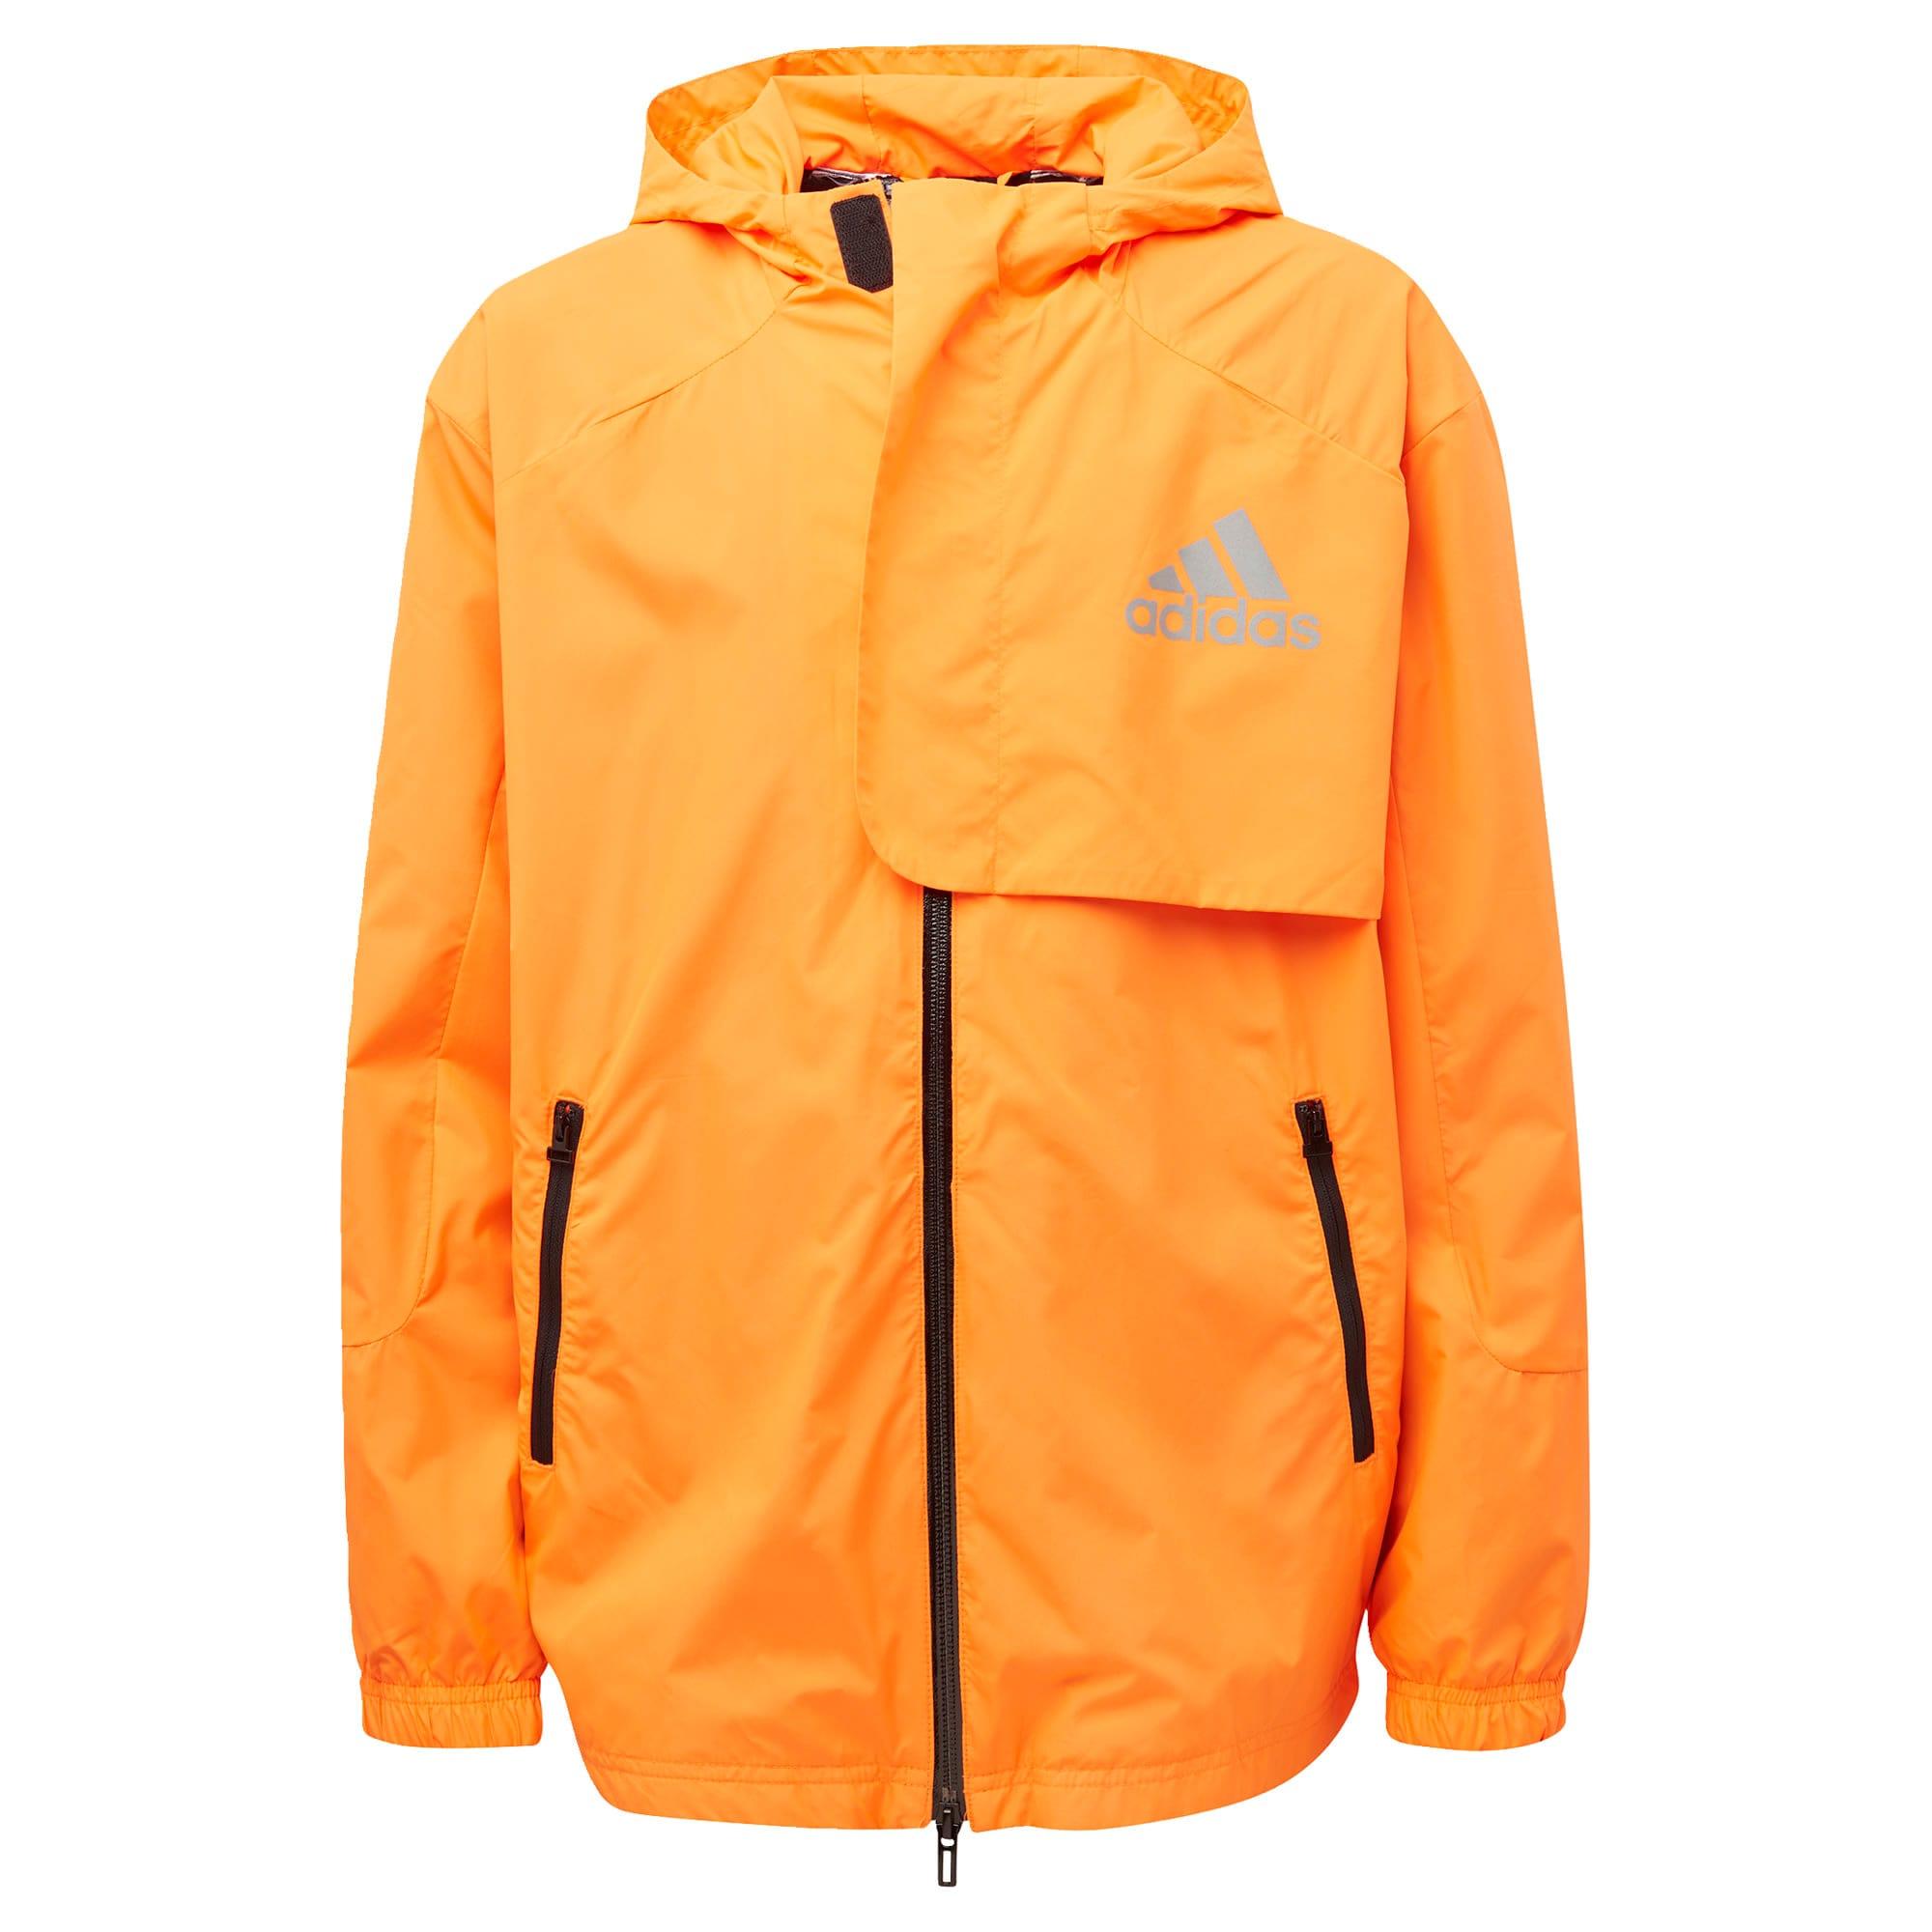 ADIDAS PERFORMANCE Laisvalaikio striukė oranžinė / juoda